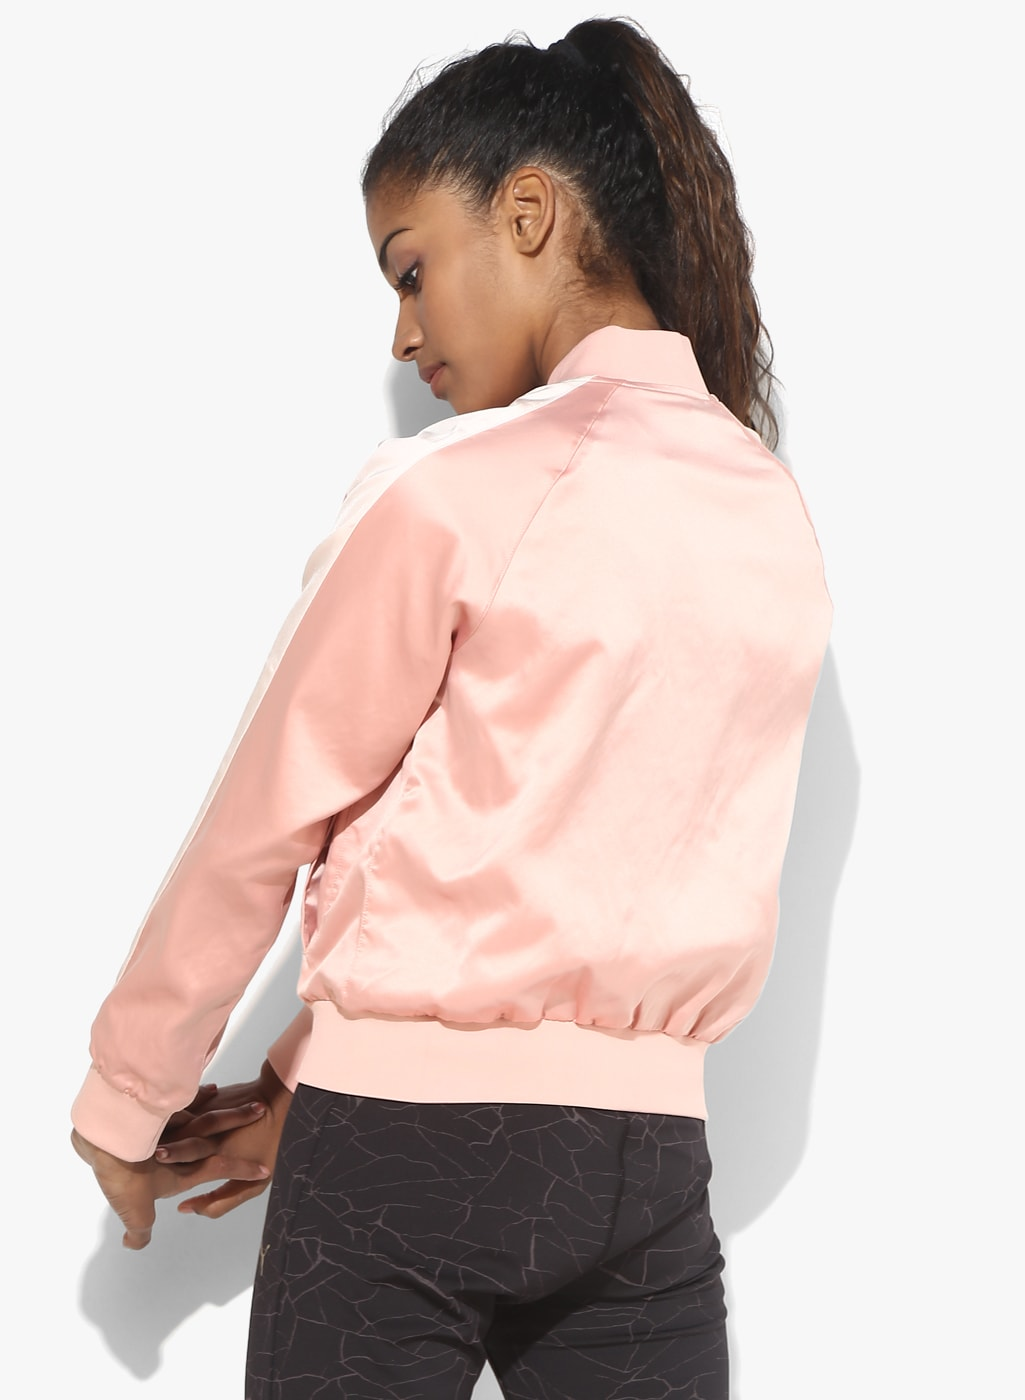 e58d0d2fd Puma Women Jackets - Buy Puma Women Jackets online in India - Jabong